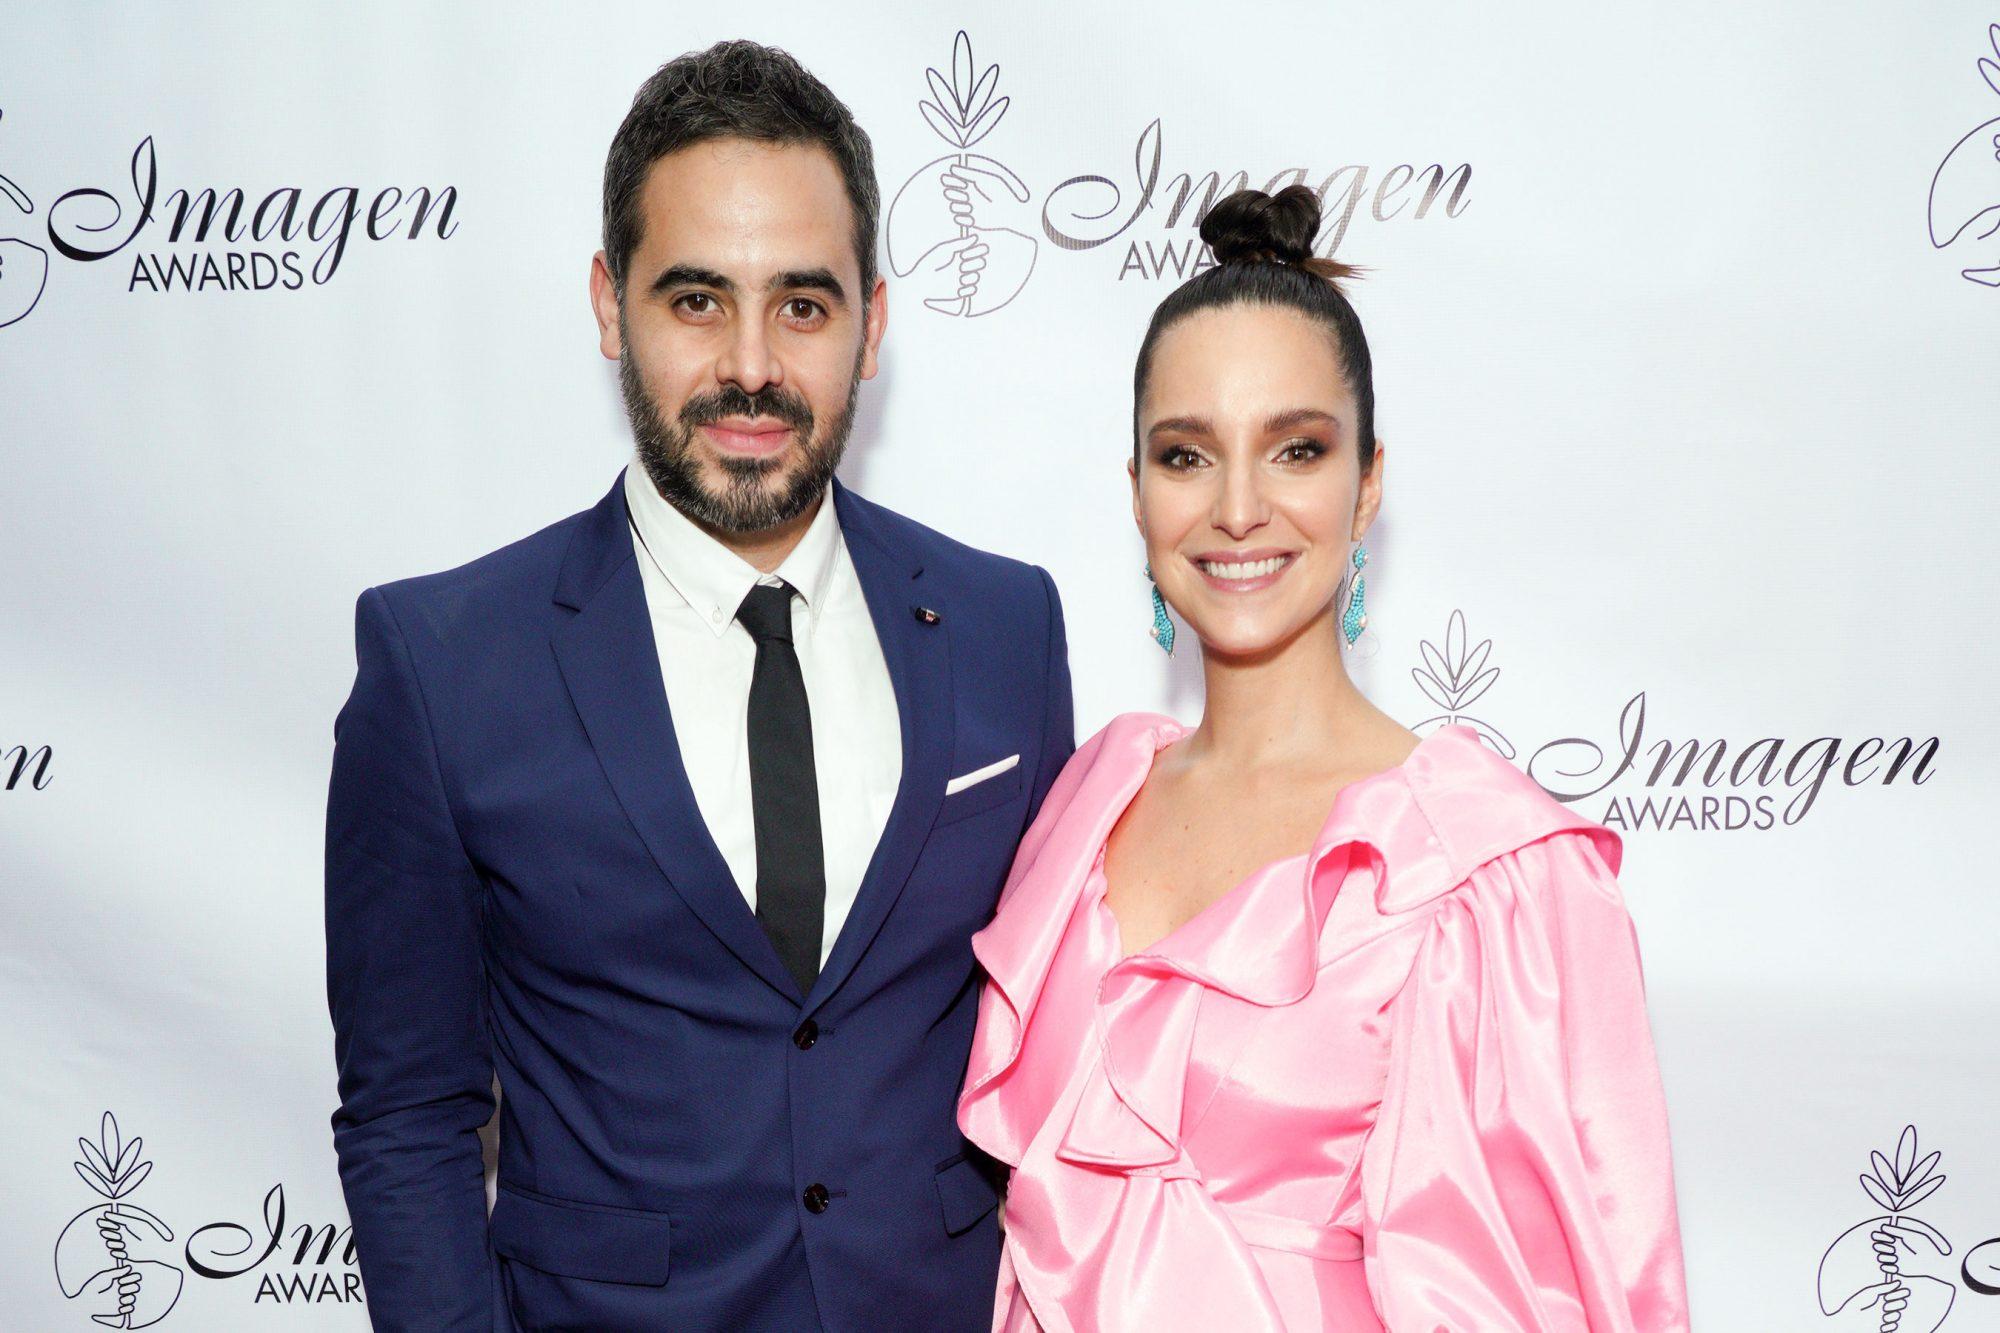 Guillermo Garcia and Carla Baratta